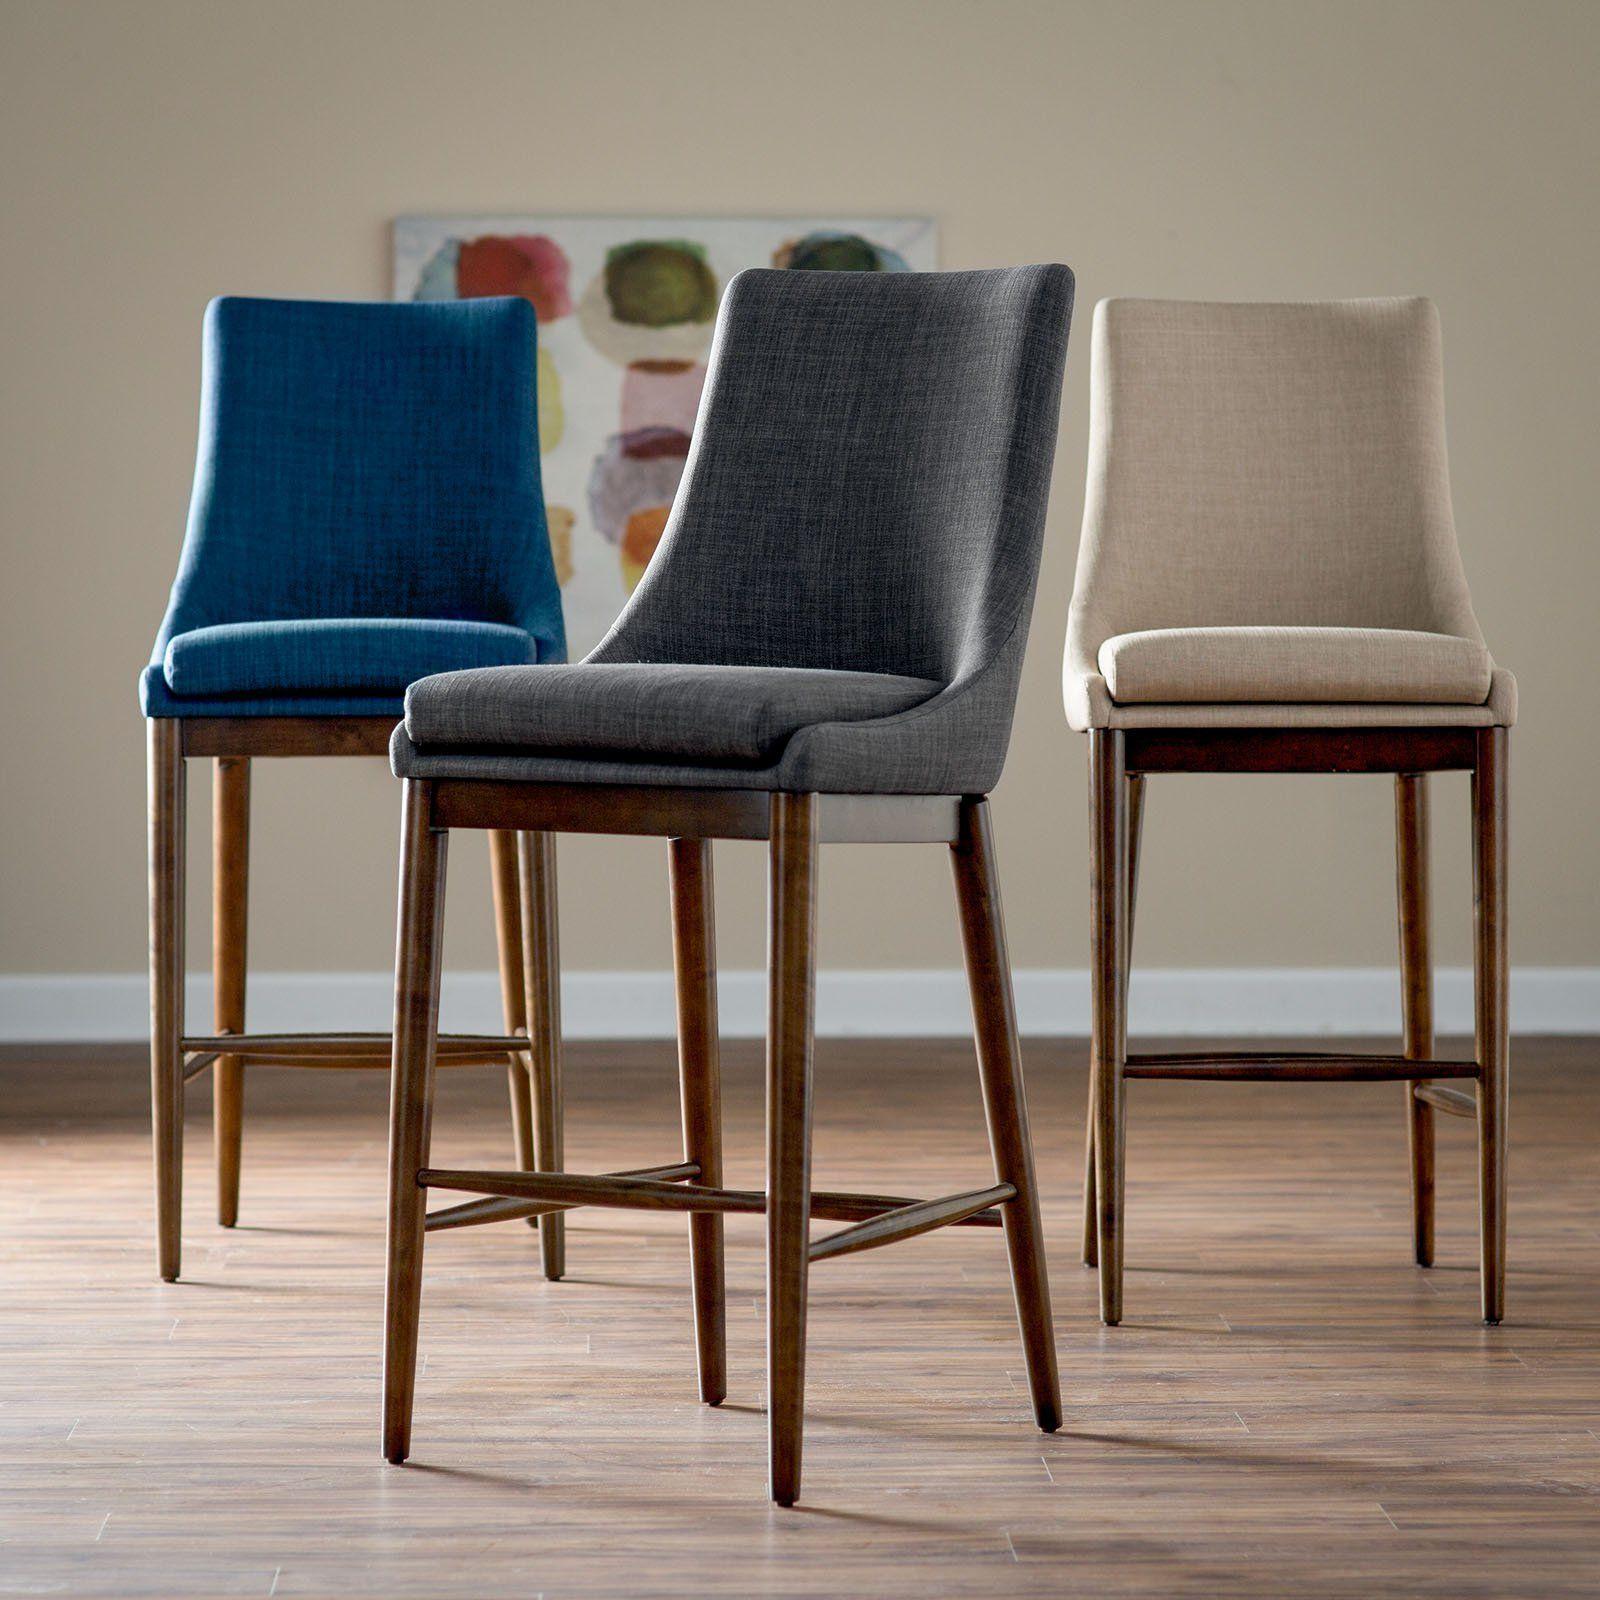 Belham Living Carter Mid Century Modern Upholstered Bar Height Stool From